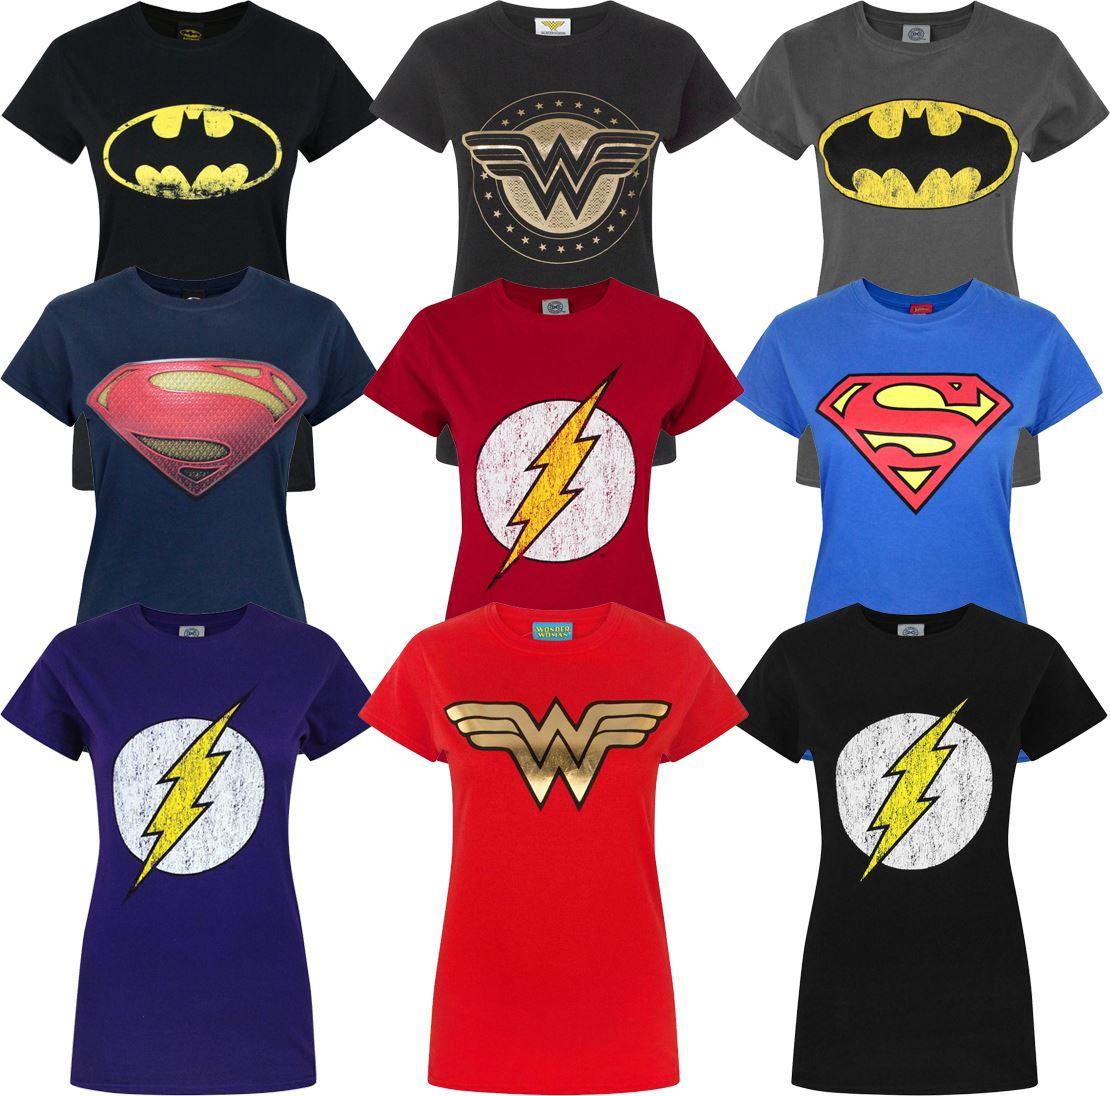 DC Comics Justice League Flash Logo Retro Look Frauen T-Shirt